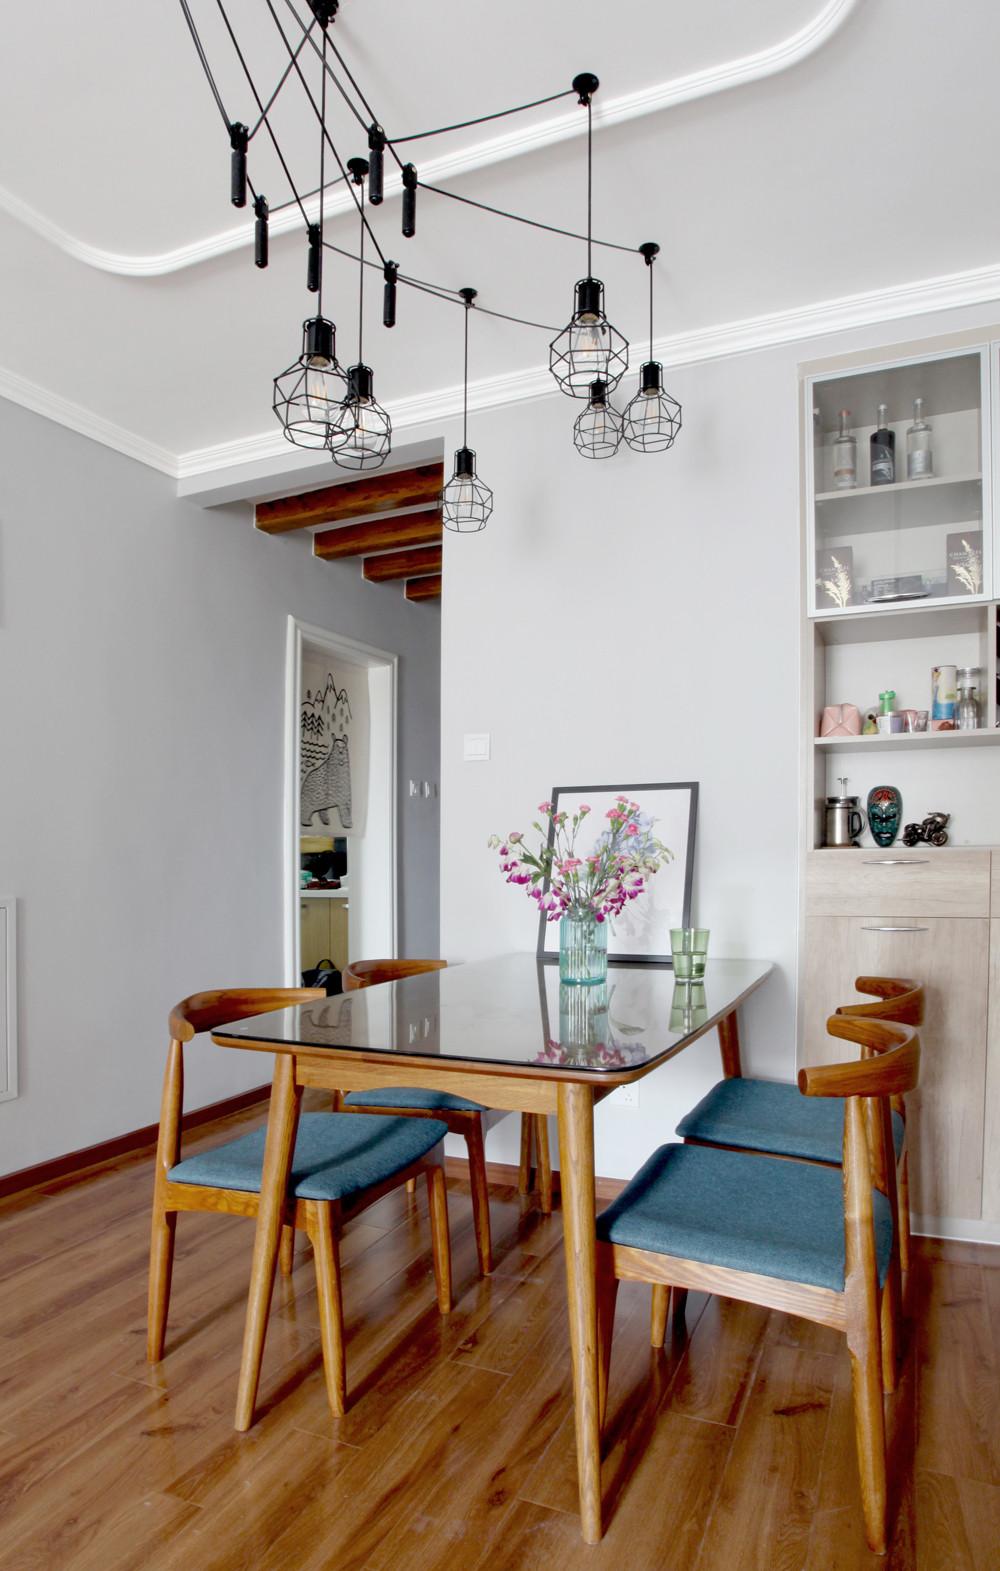 北欧二居室空间餐厅灯具图片